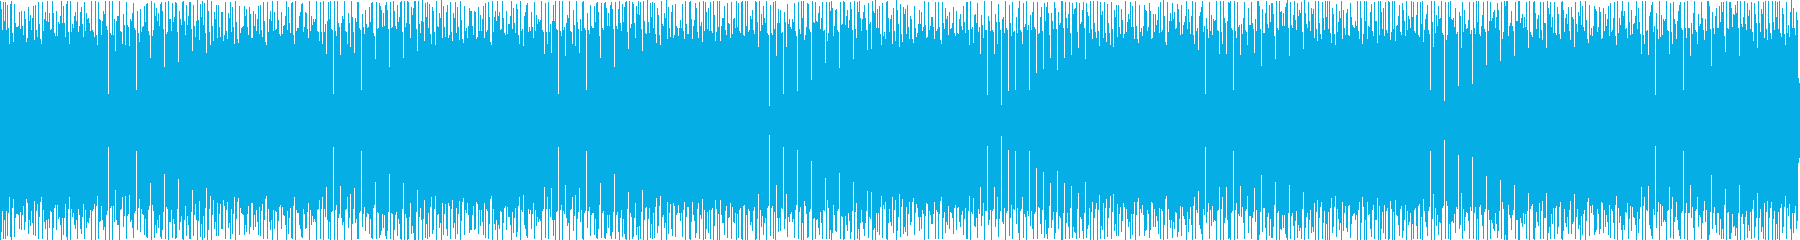 最先端でおしゃれな雰囲気のディスコの再生済みの波形